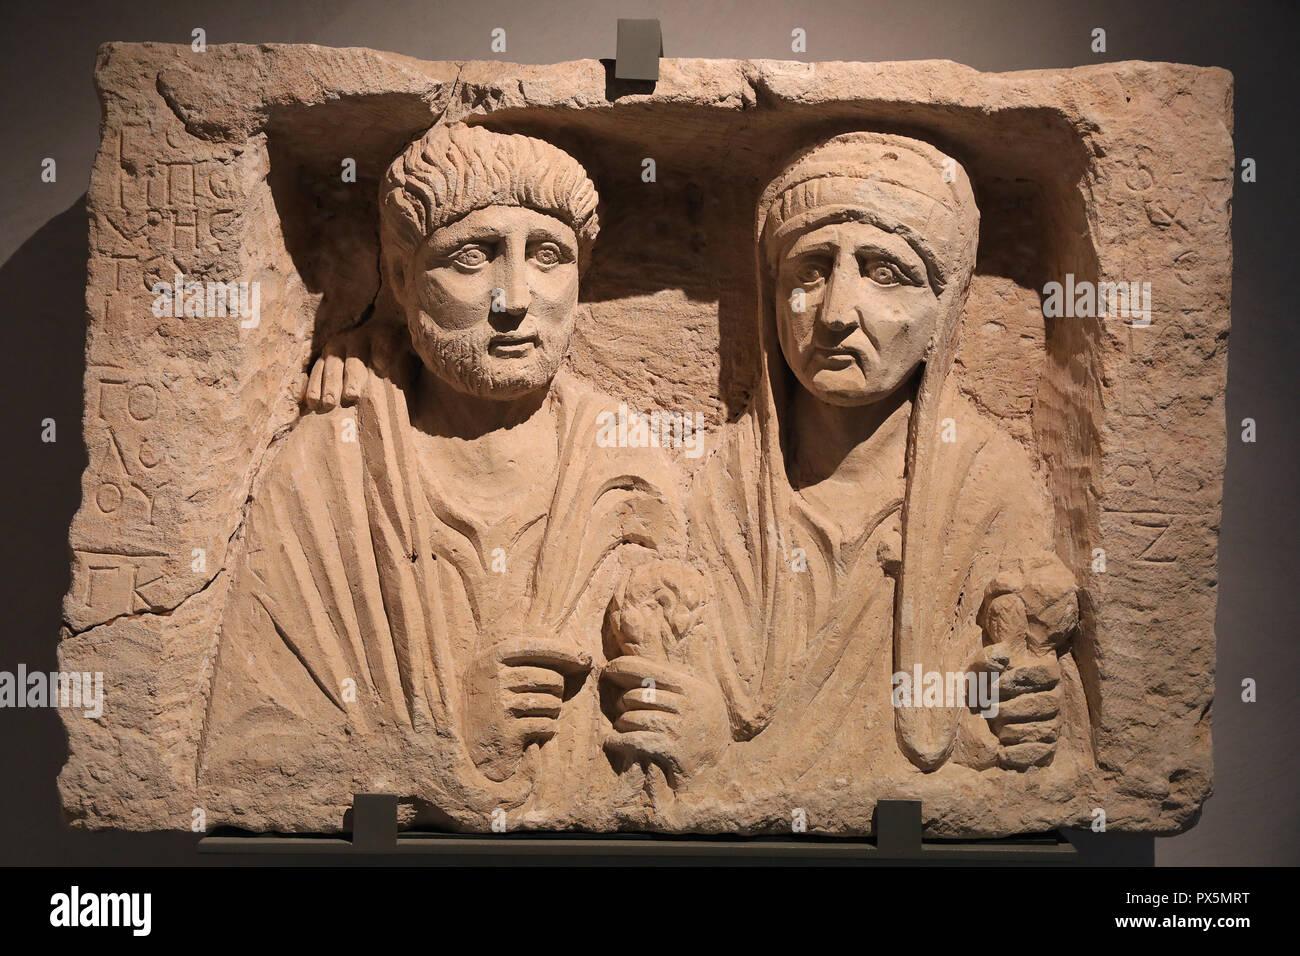 MusŽe des Beaux-Arts, Lyon, France. Fine Art museum, Lyon, France. Funeral stele, Middle Euphrates, Zeugma or Hierapolis, 2nd century A.D. - Stock Image